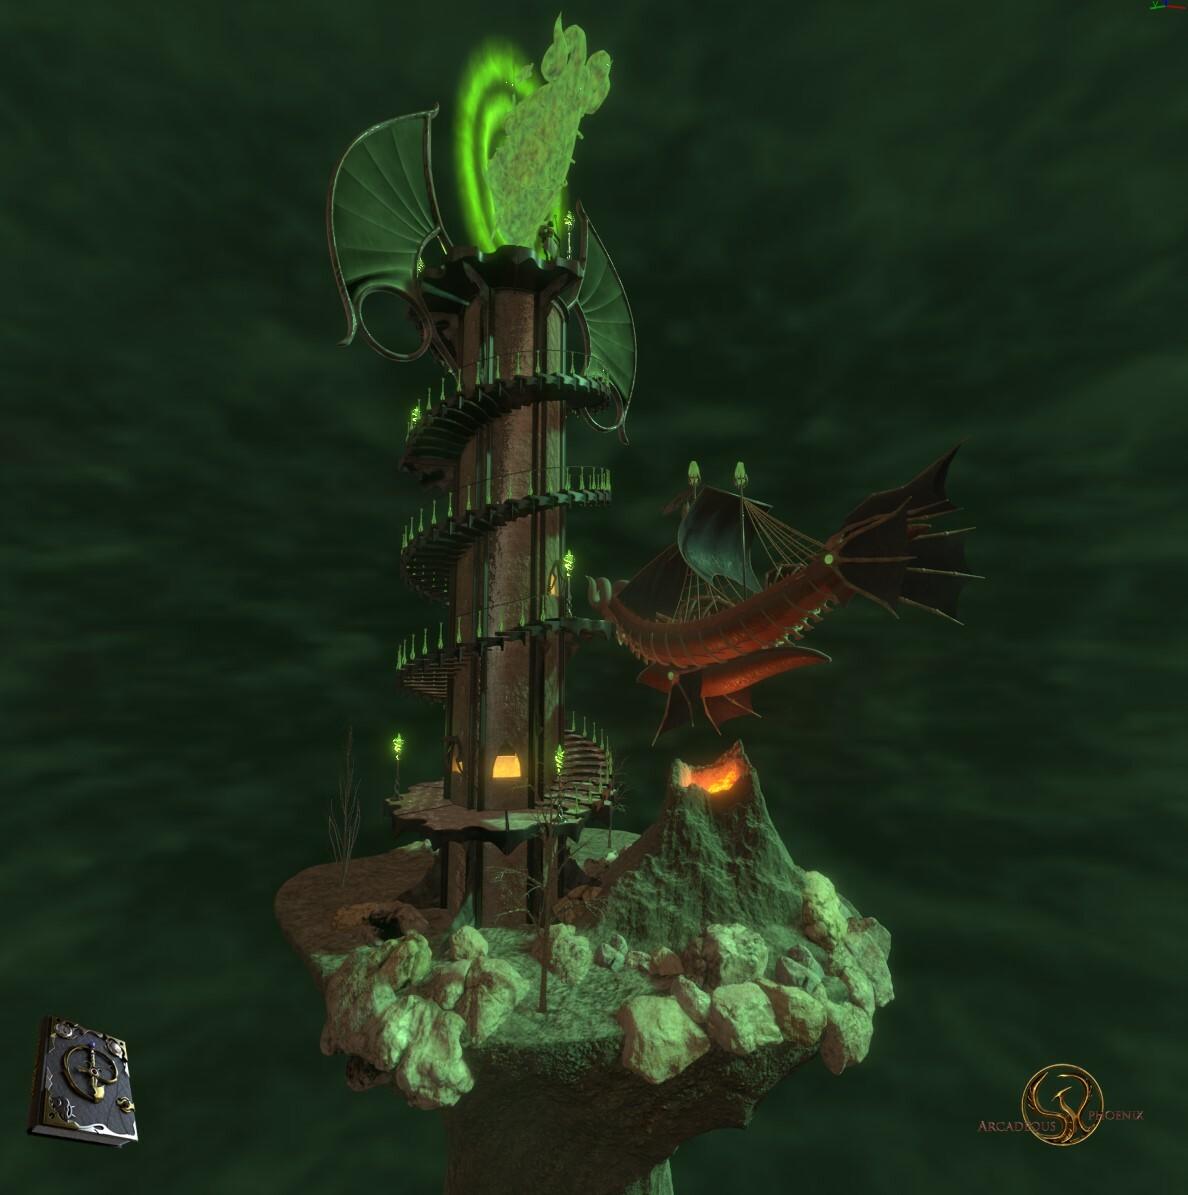 Arcadeous phoenix portal color